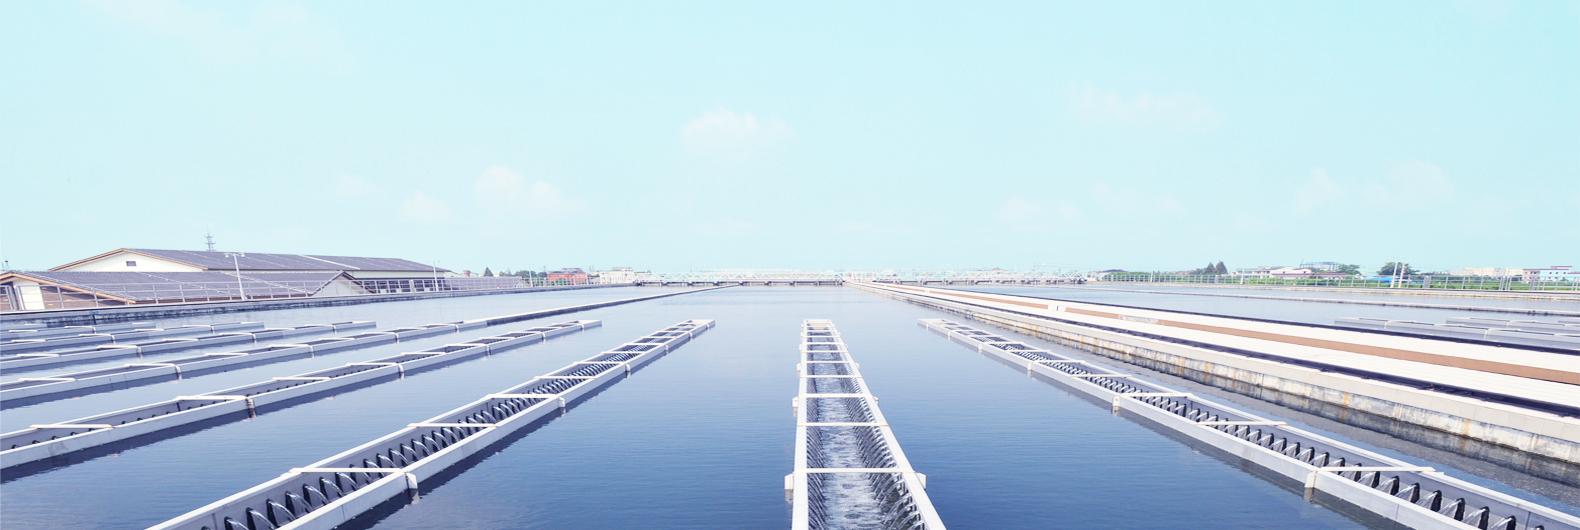 PE管材在给排水系统的应用原理介绍